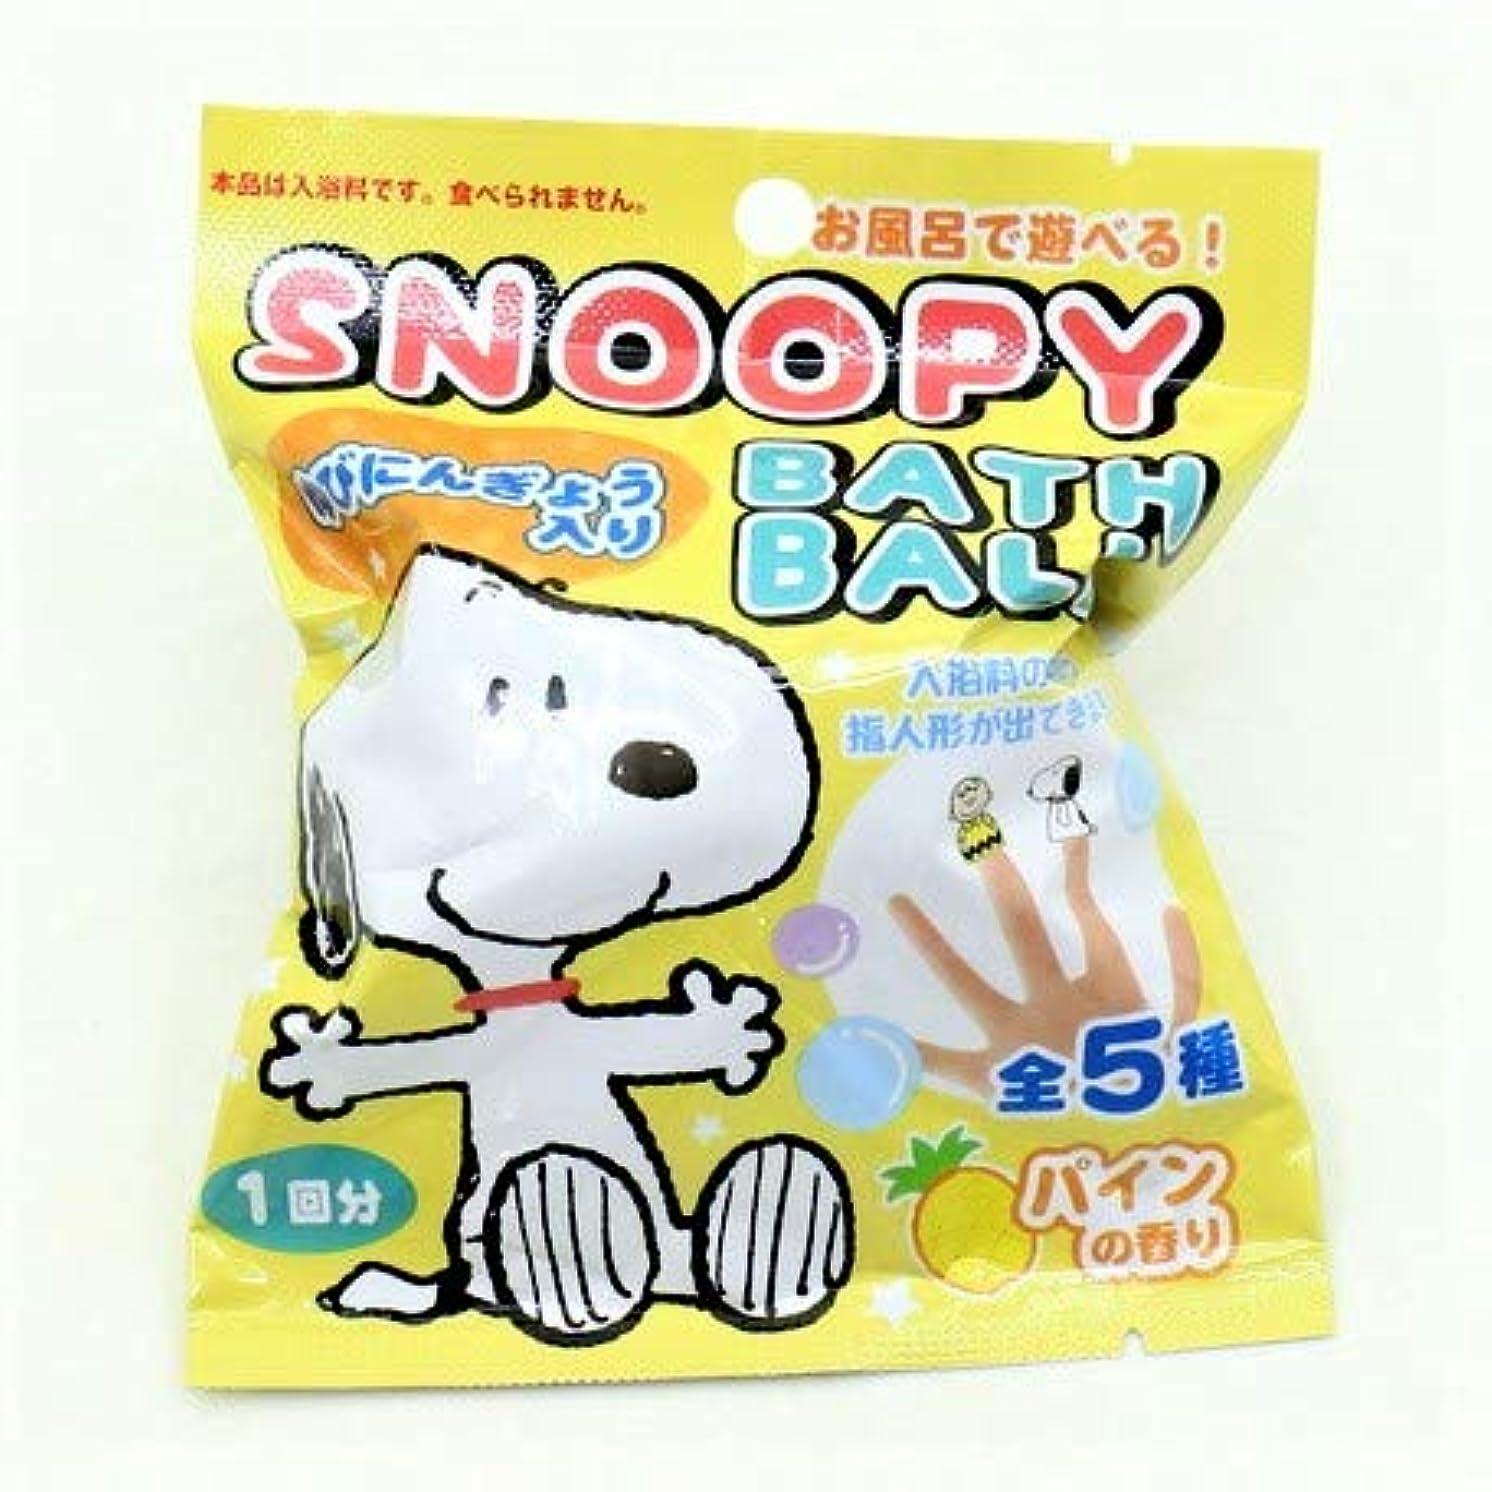 たまに不透明な実質的スヌーピー バスボール 入浴剤 パインの香り 6個1セット 指人形 Snoopy